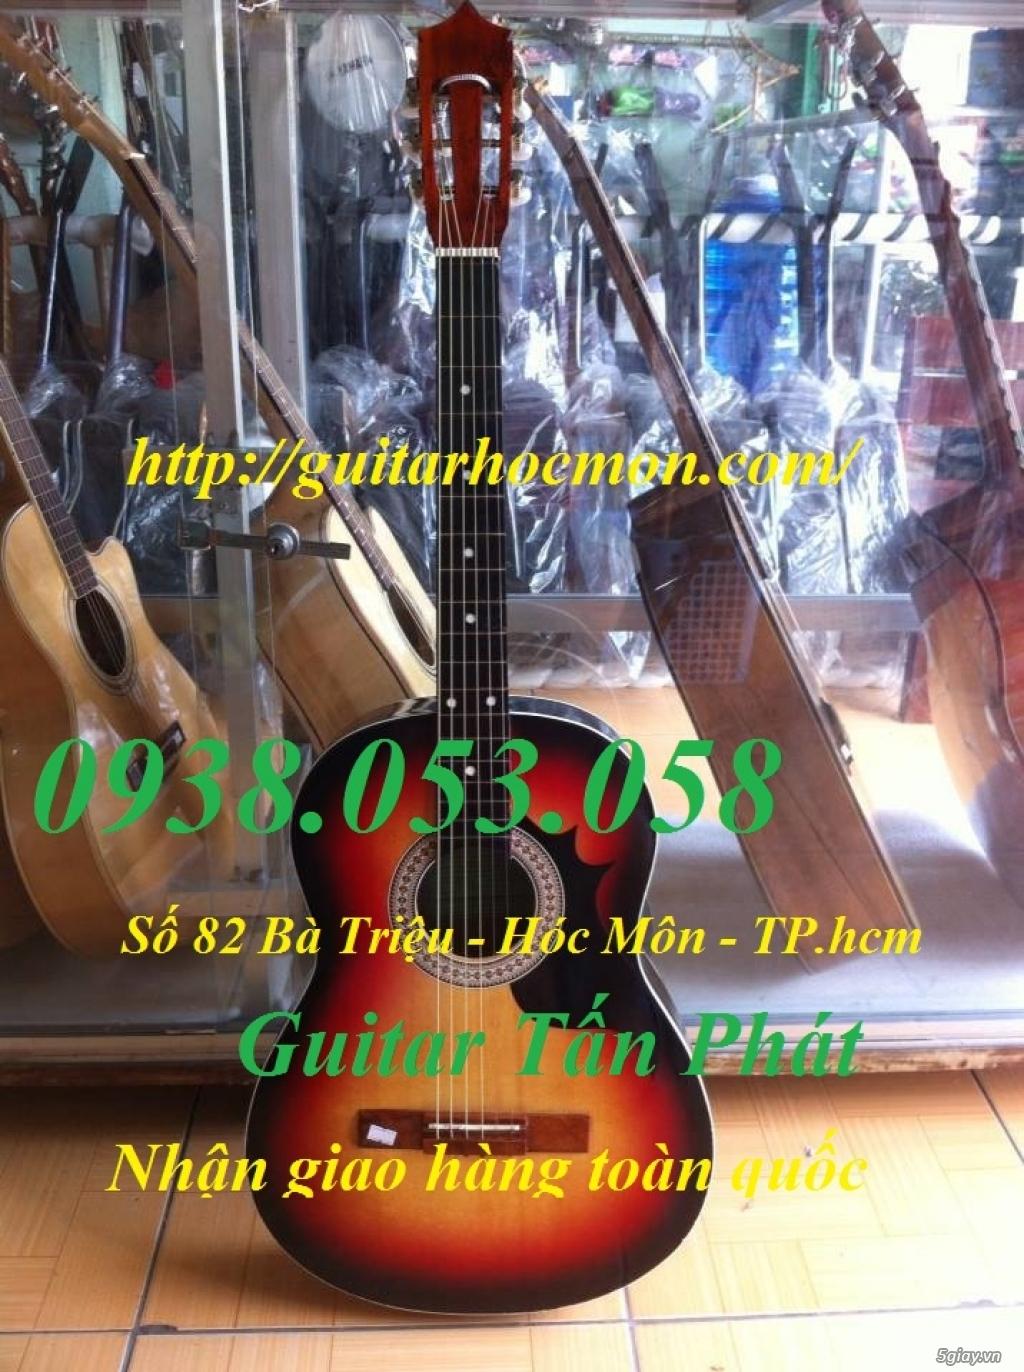 Bán Guitar Gía Rẻ Hóc Môn - 19